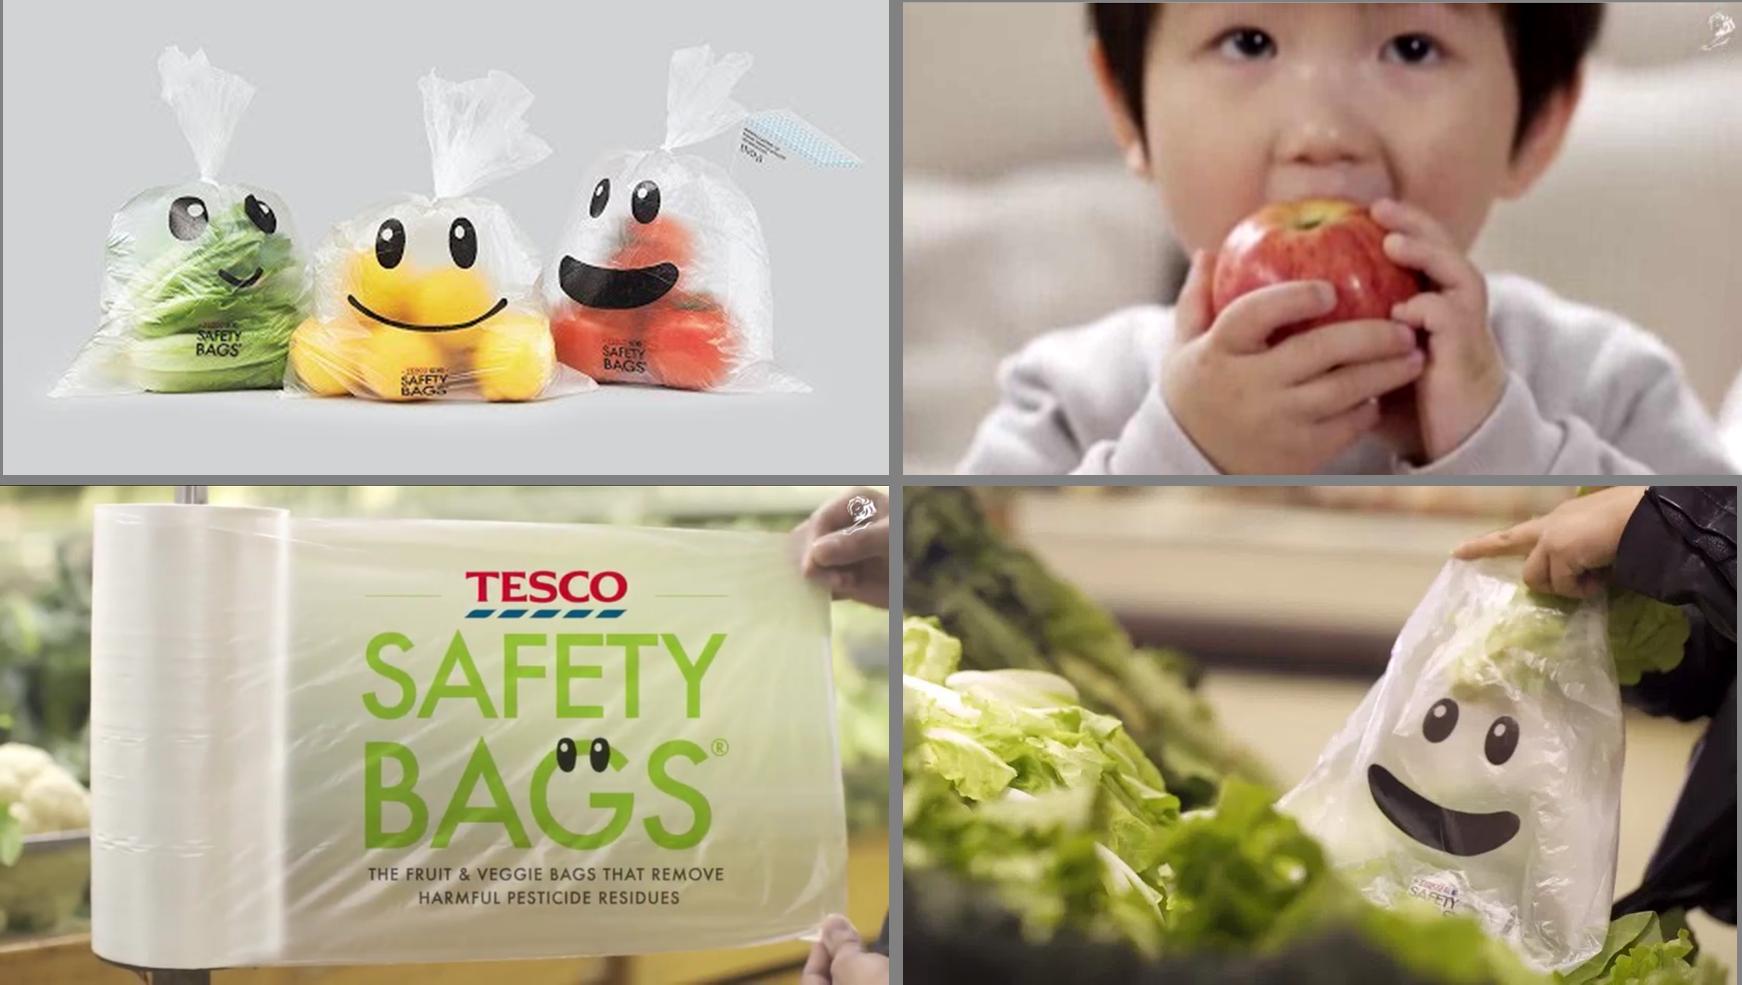 เทสโก้ประเทศจีนส่ง Safety Bag ถุงใส่ผักผลไม้สังเคราะห์แสง ช่วยกำจัดจุลินทรีย์ที่ปนเปื้อนมากับผัก